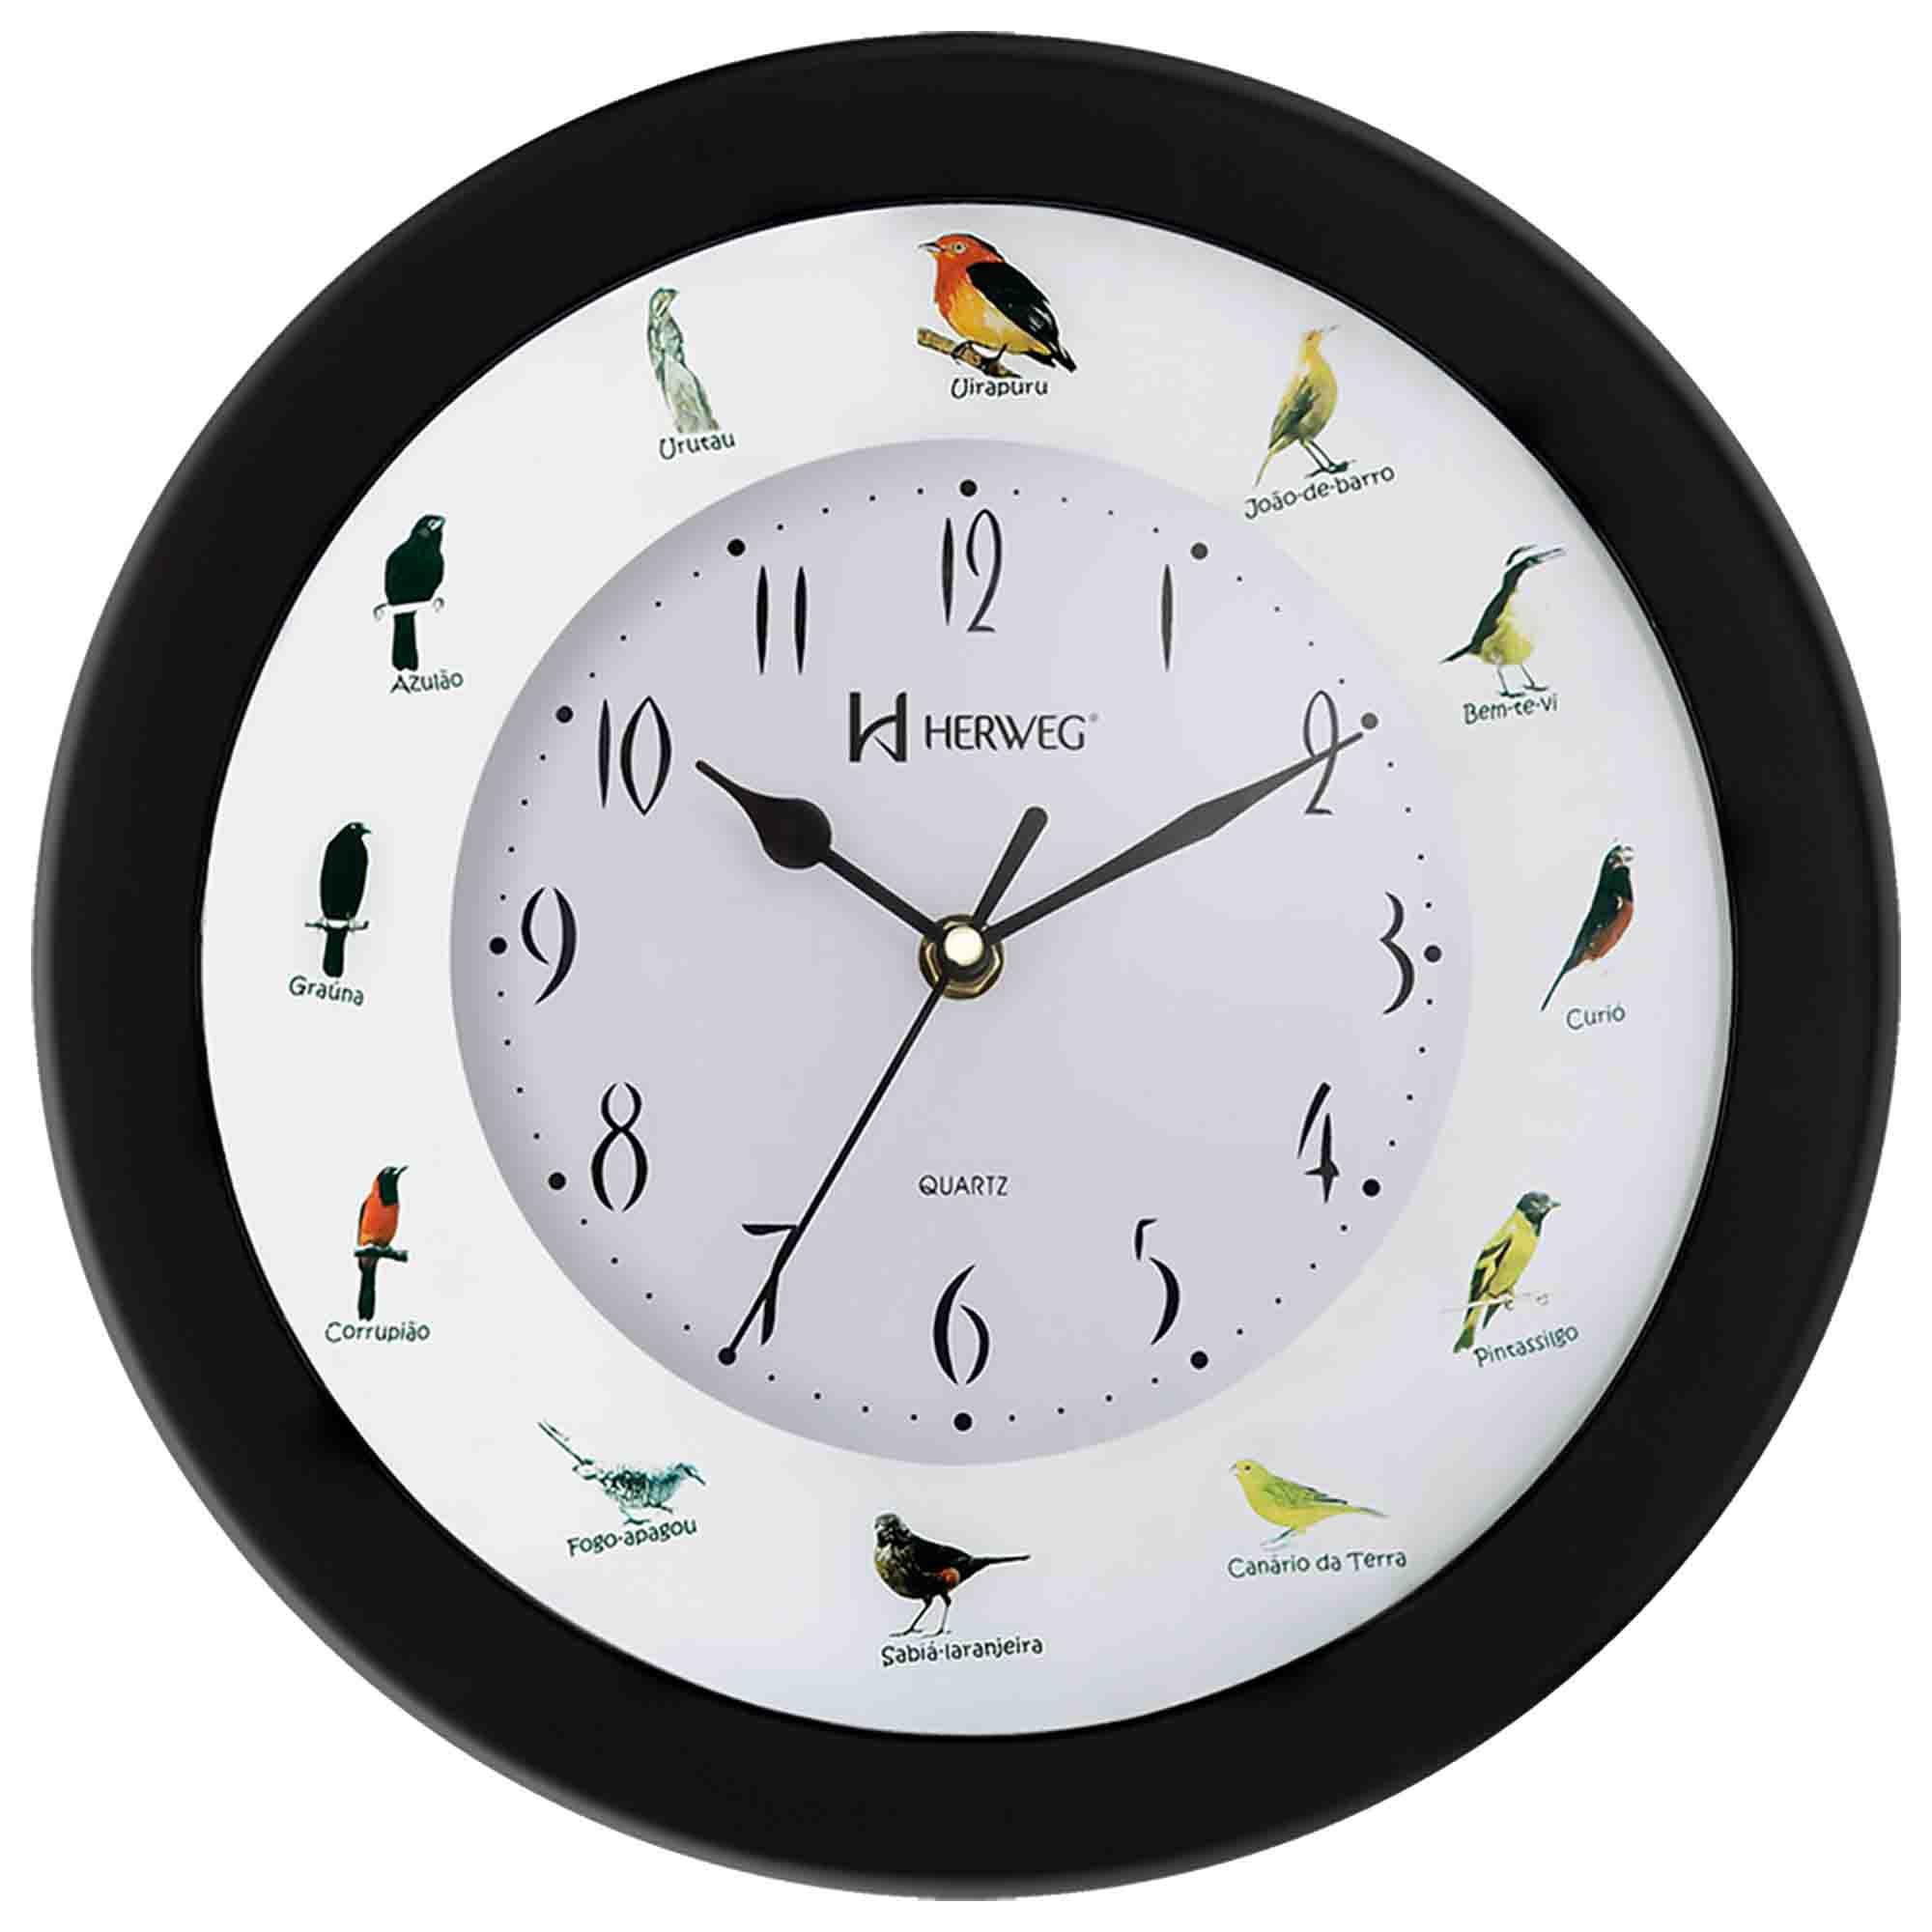 Relógio de Parede Analógico Herweg 6370 035 Preto